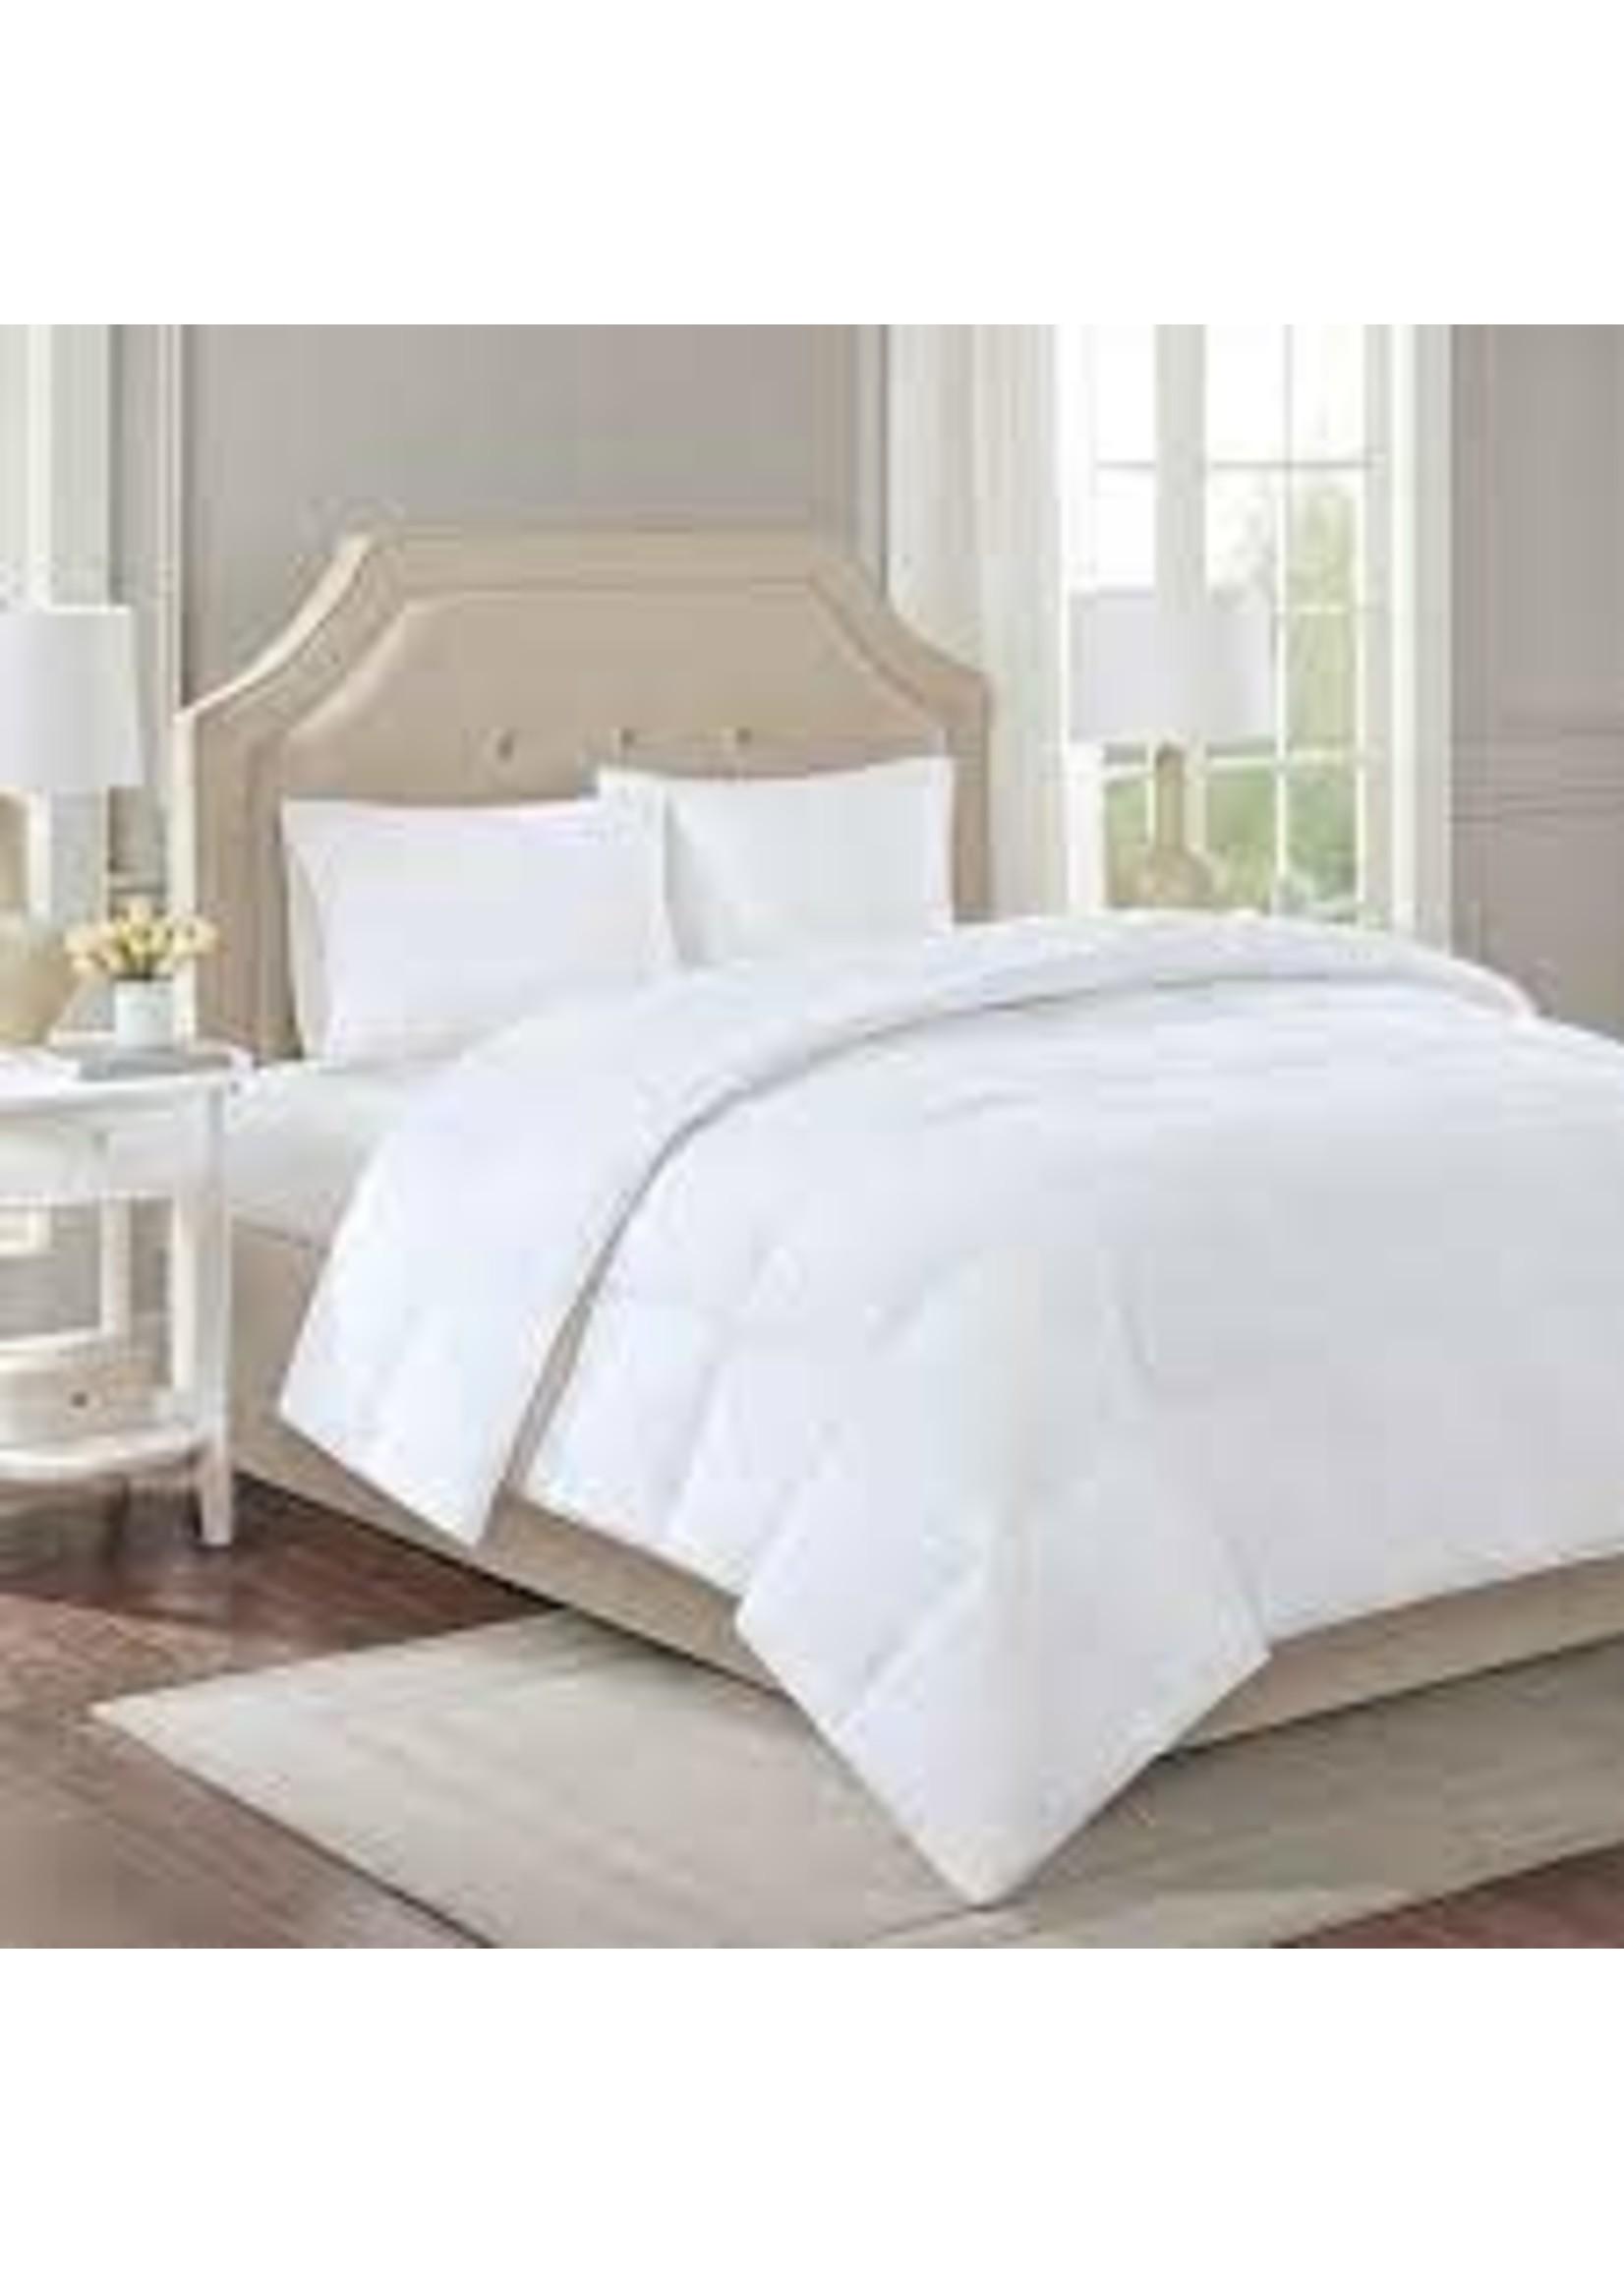 Olliix OLLIIX Full Queen Duvet White Down Blend Comforter